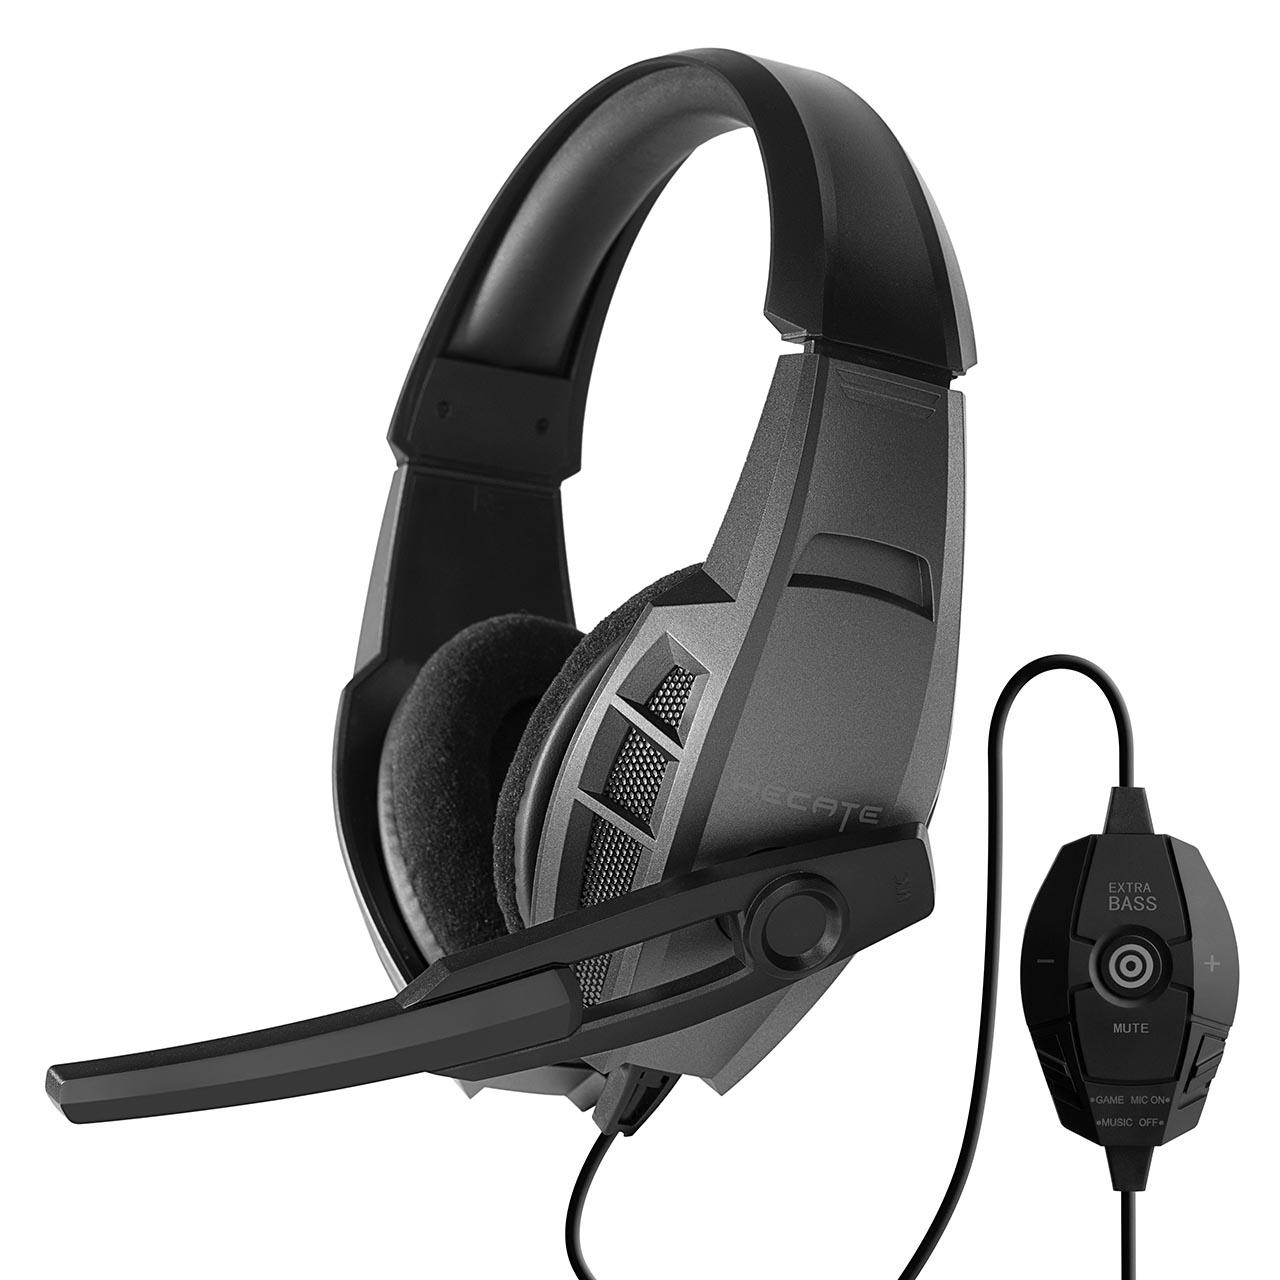 หูฟัง Edifier G3 Gammatera Gaming Gear หูฟังเกมมิ่งเกียร์เสียงเทพ มีไมค์ สำหรับ PC แบบ Usb คุณภาพเสียงระดับเทพ